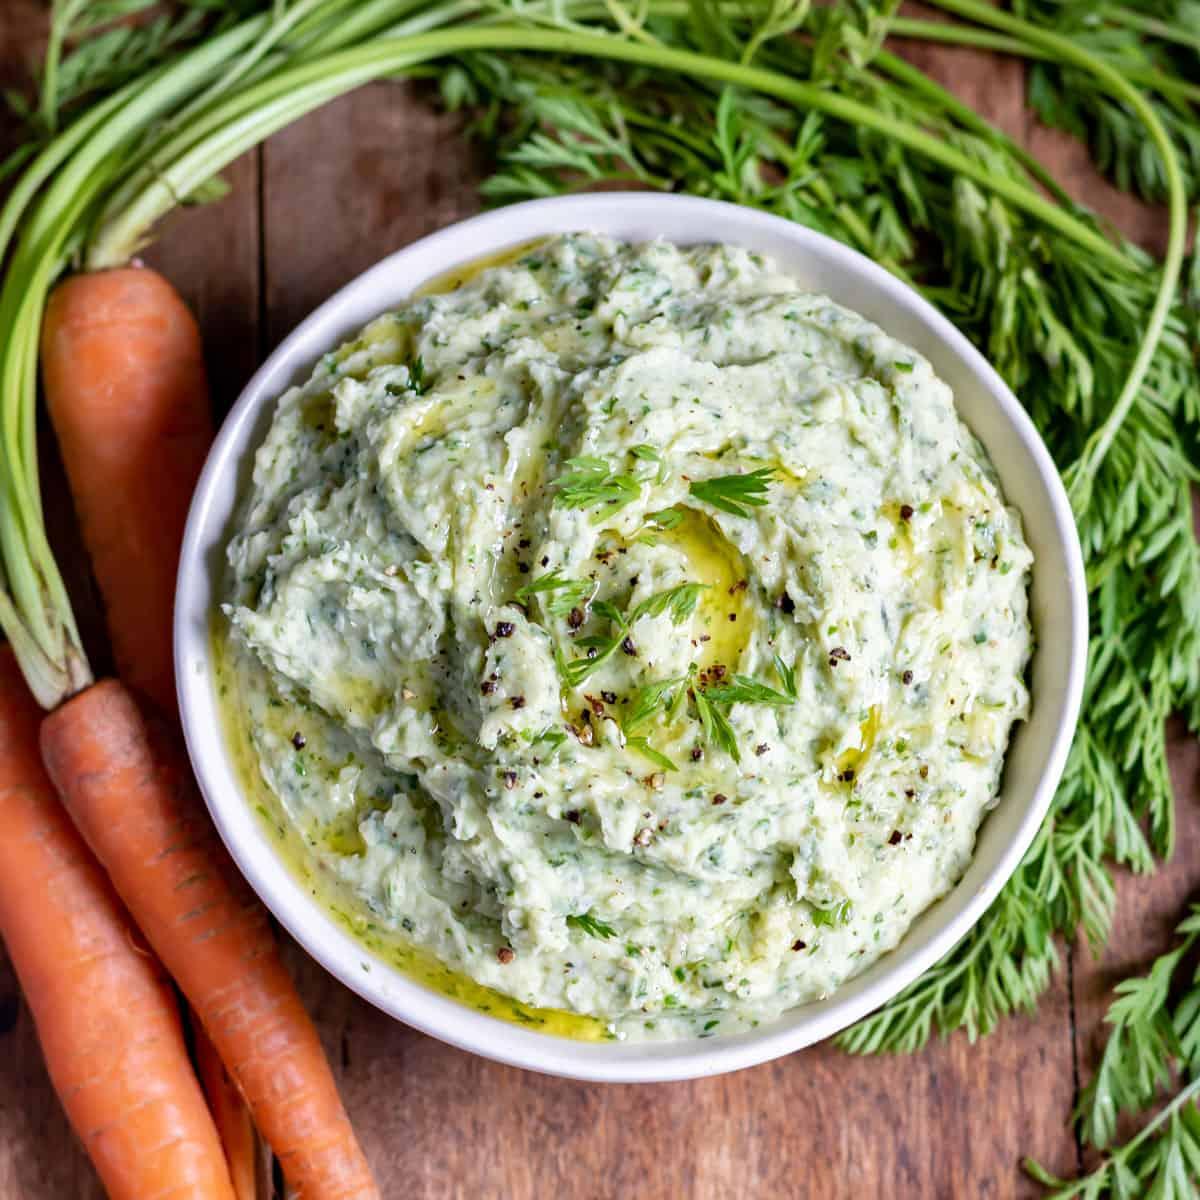 Close up of a bowl of carrot top dip.